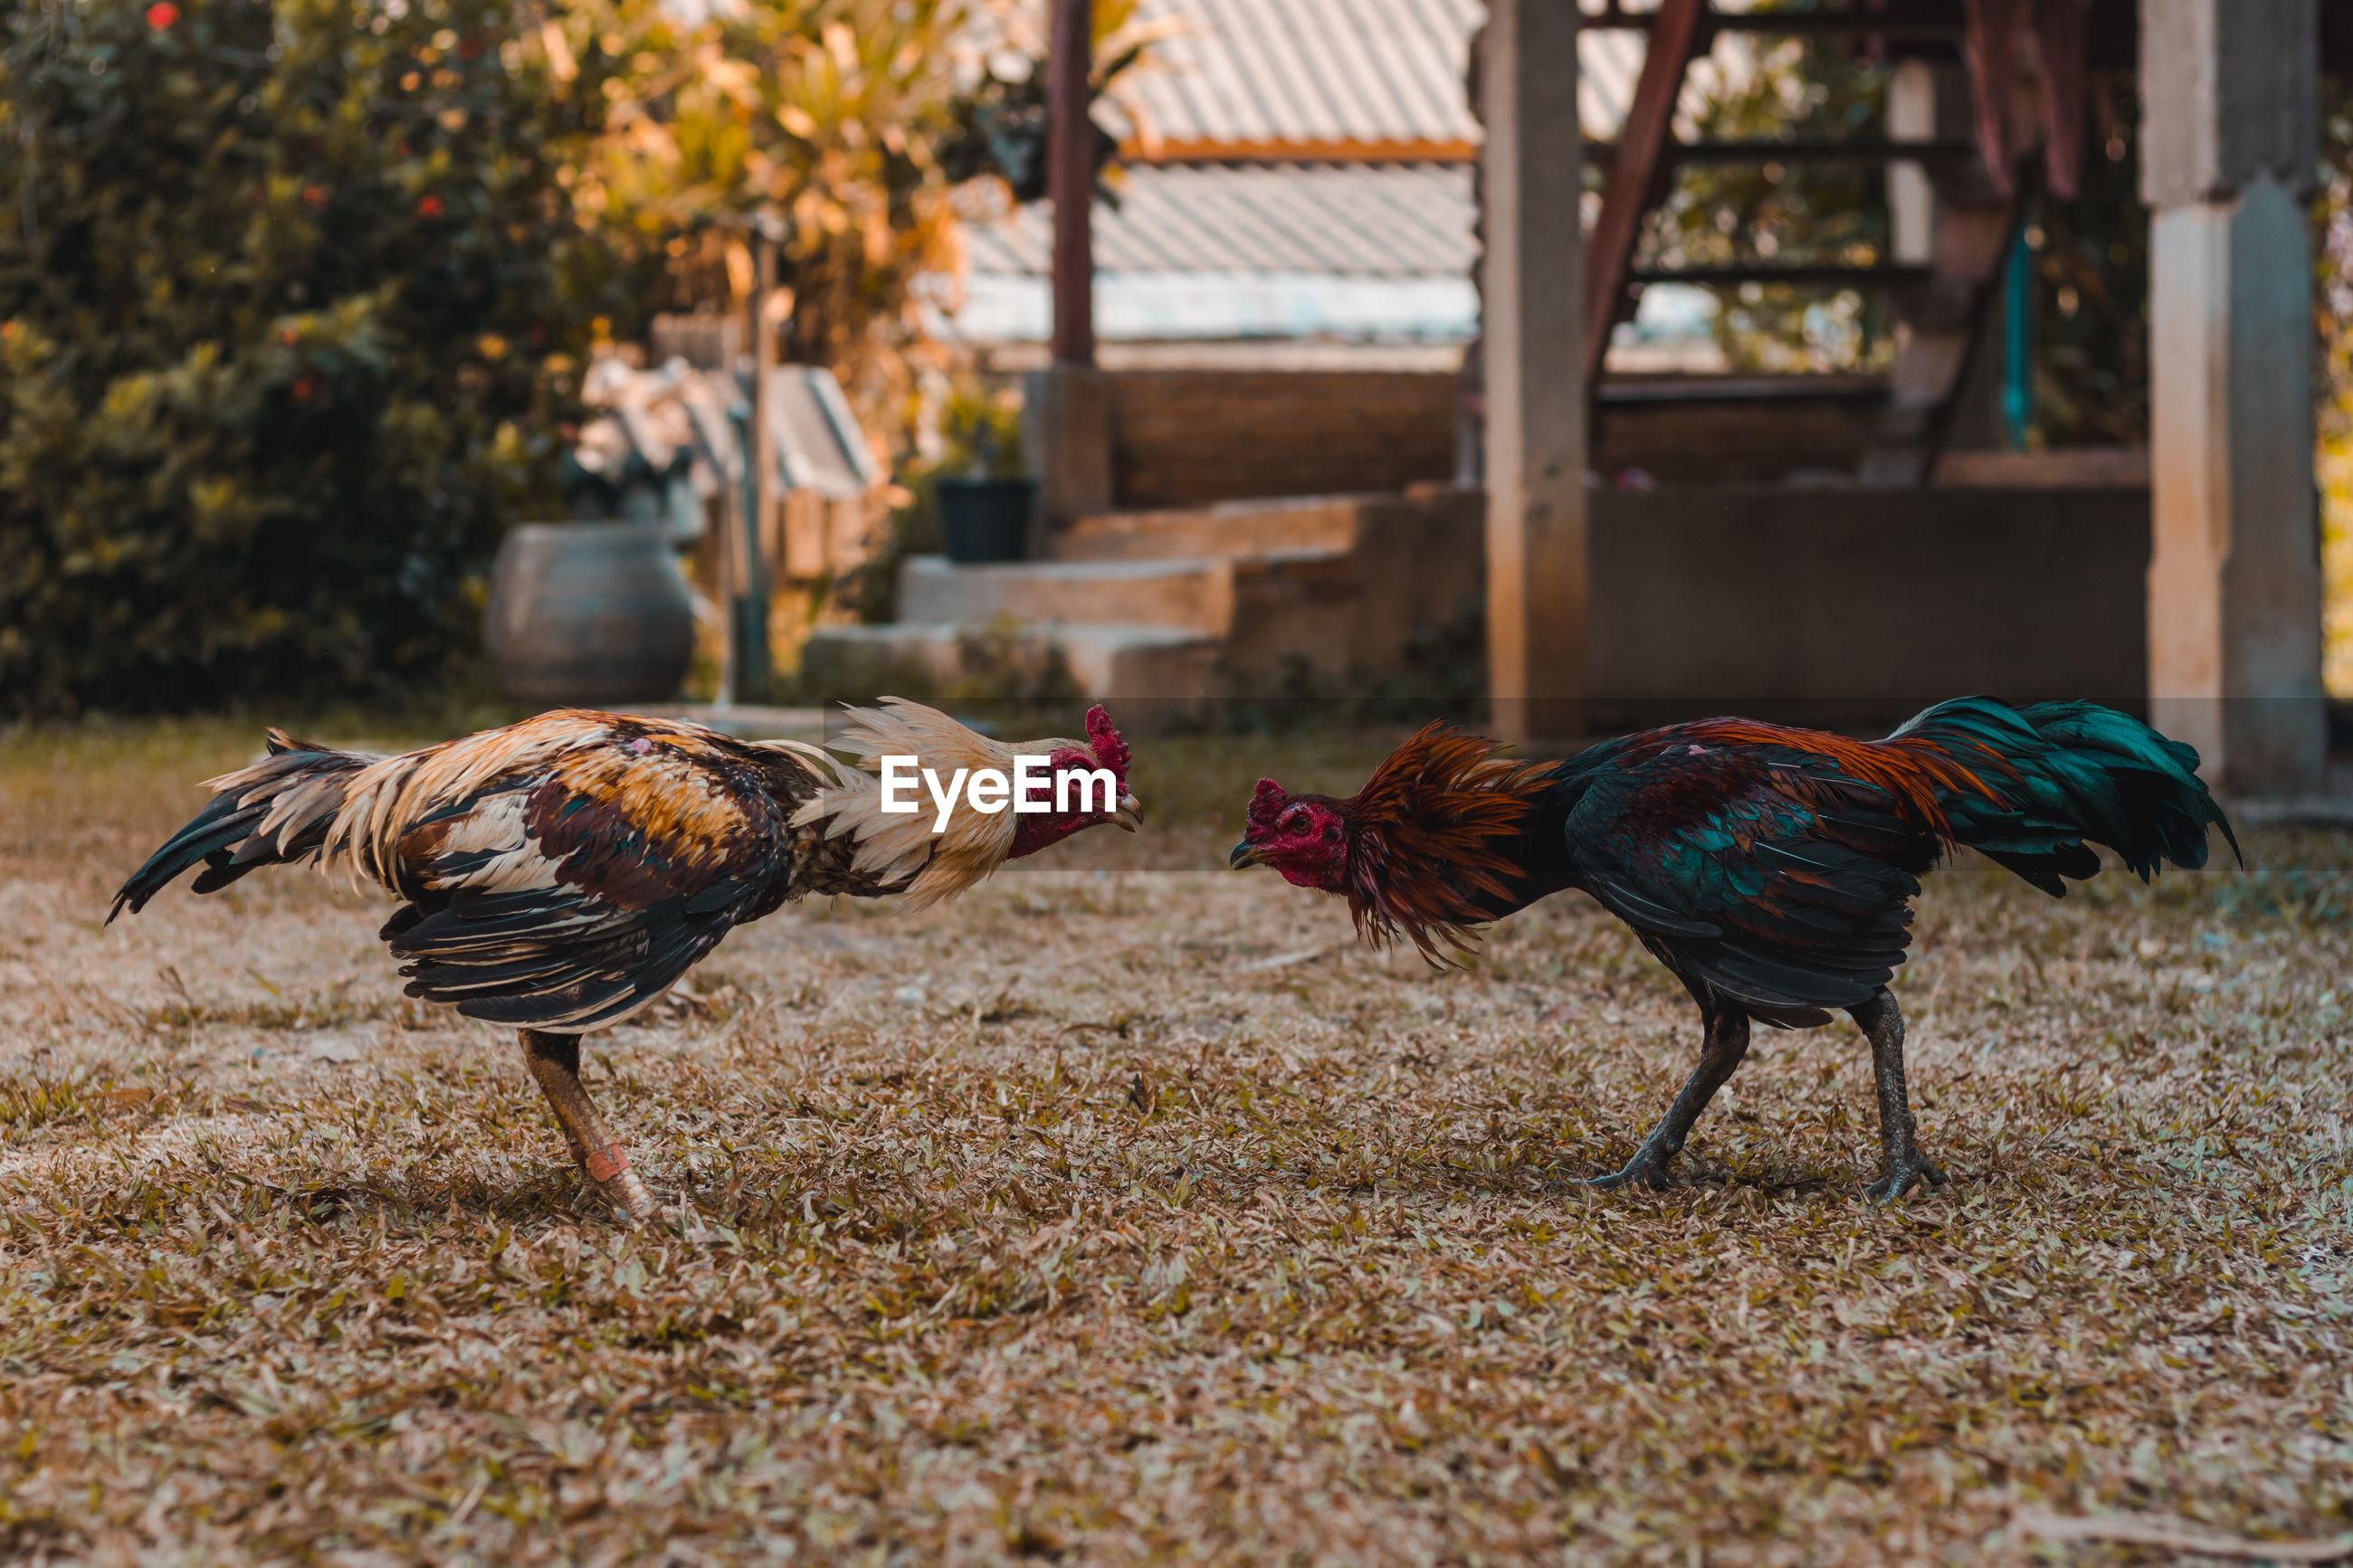 Chicken fighting with chicken.